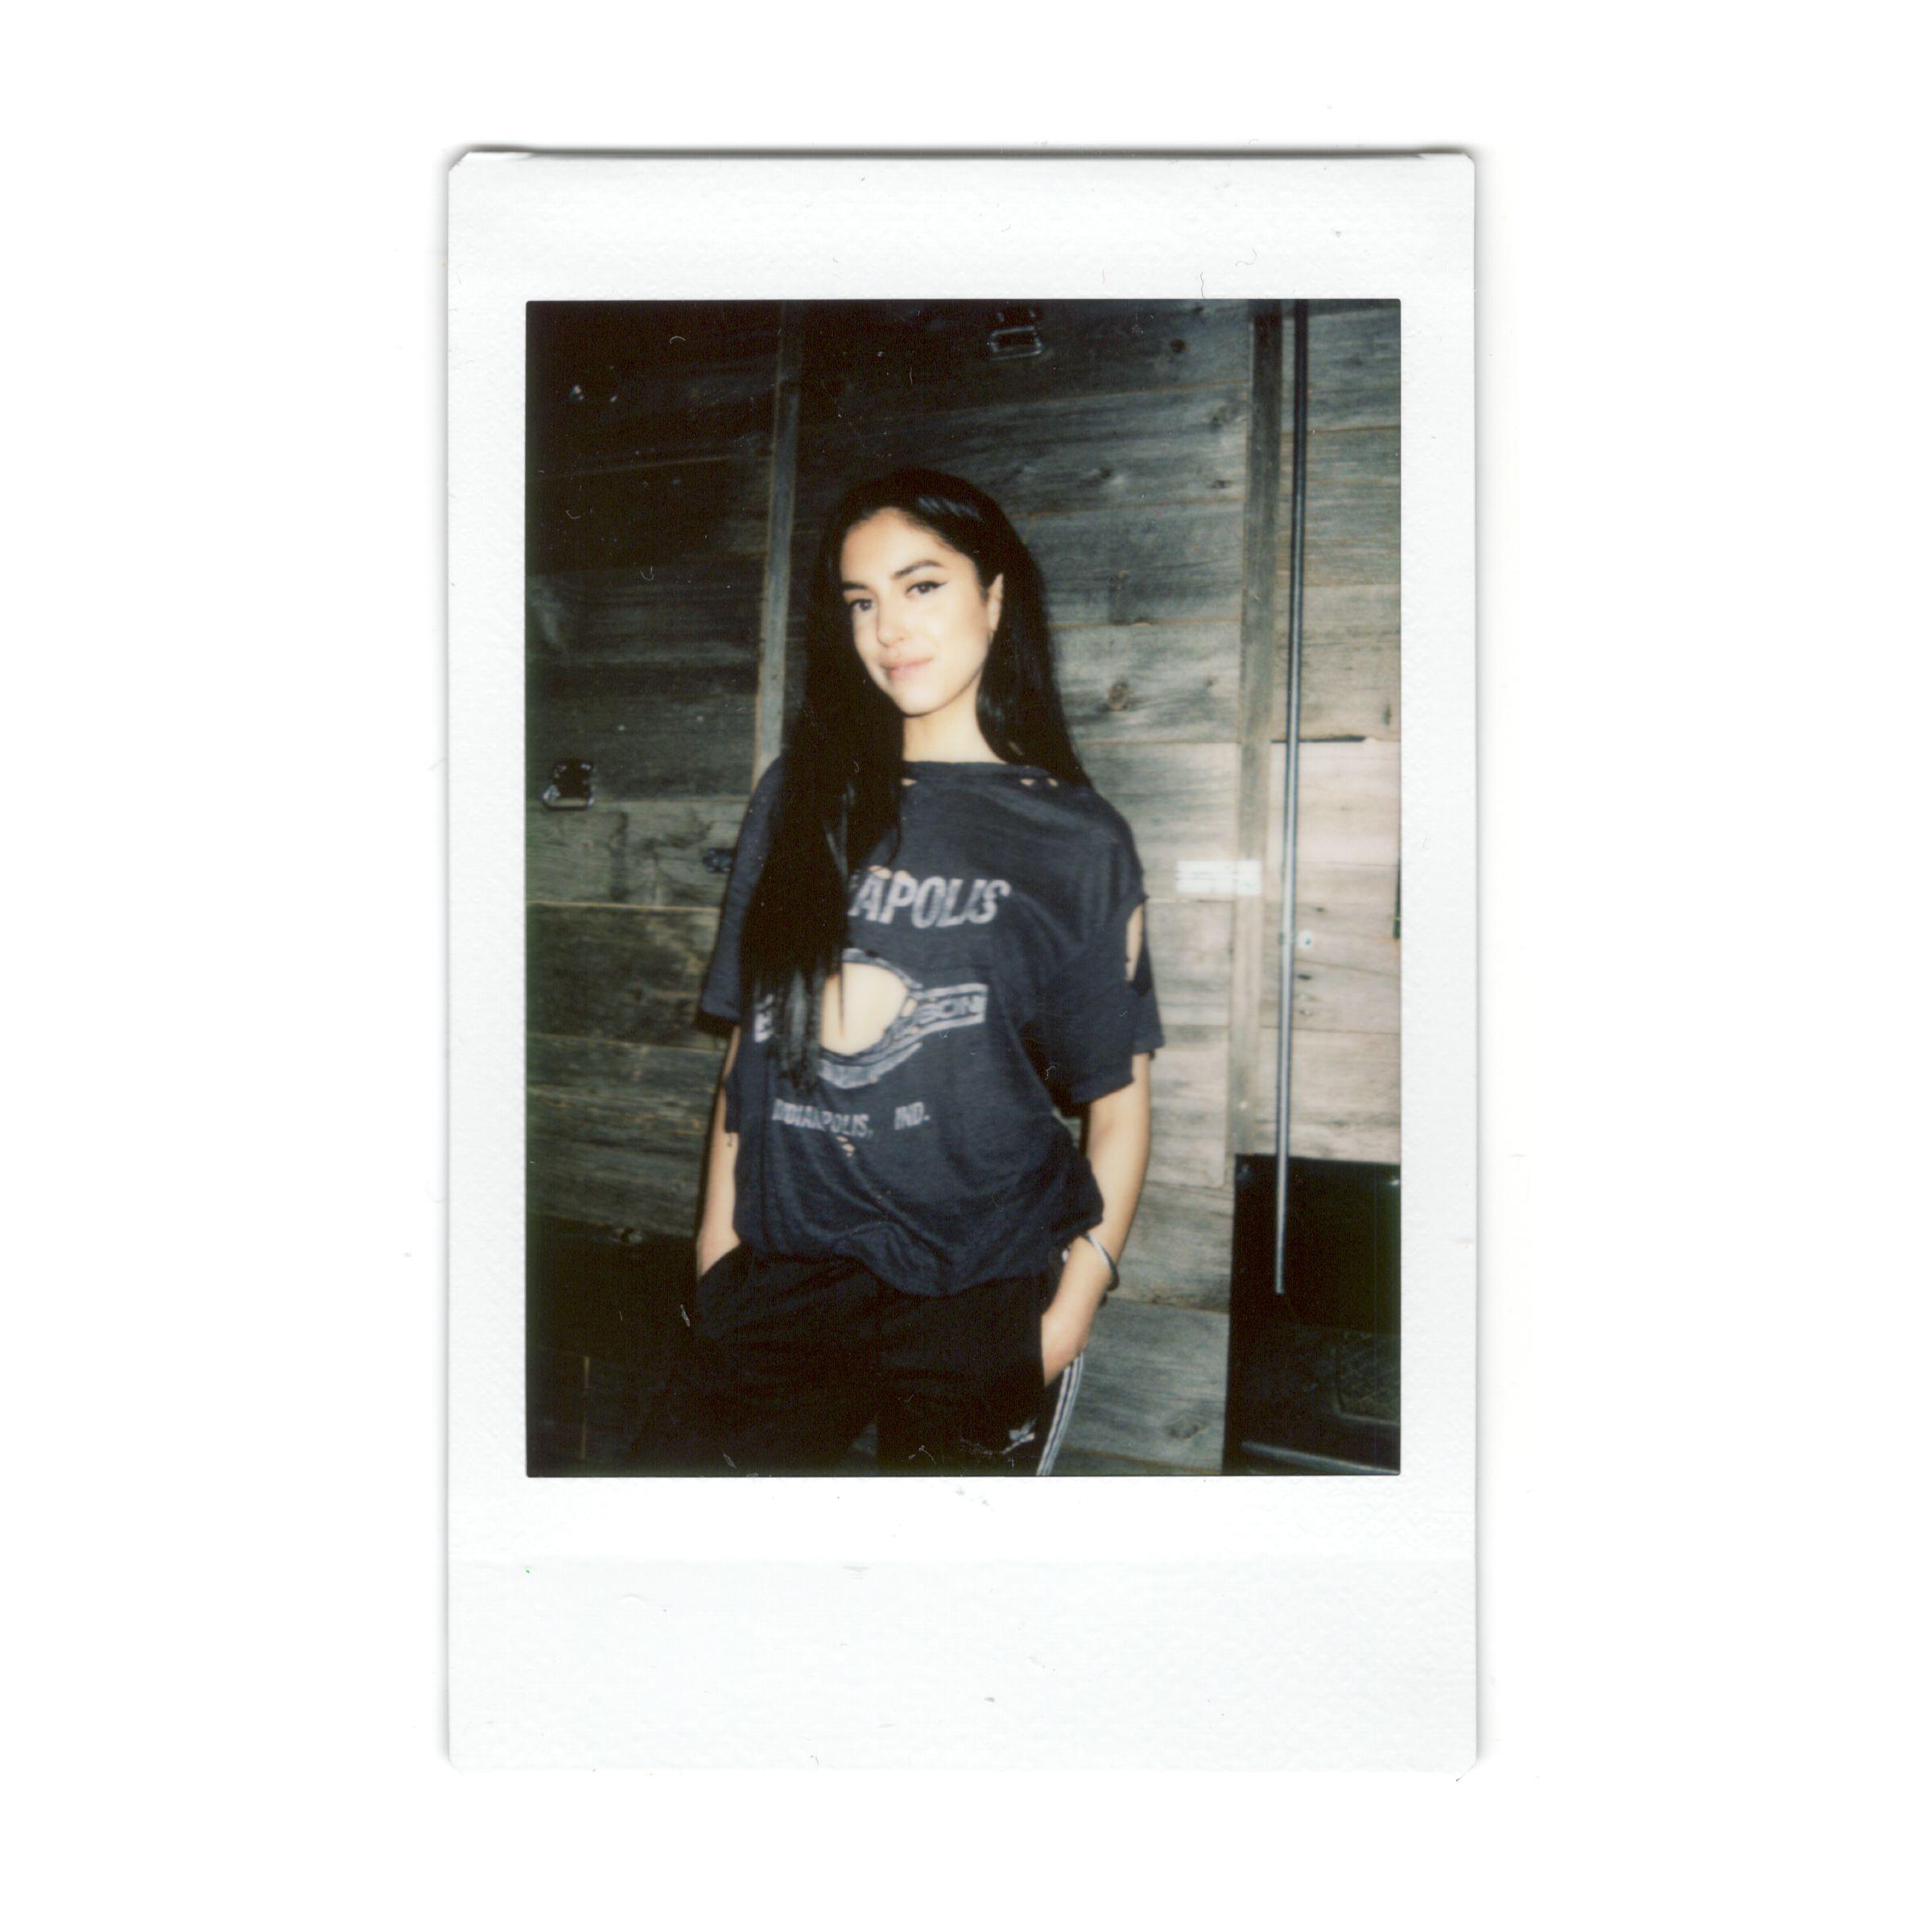 FFSO-Polaroid-Caitlin1.jpg